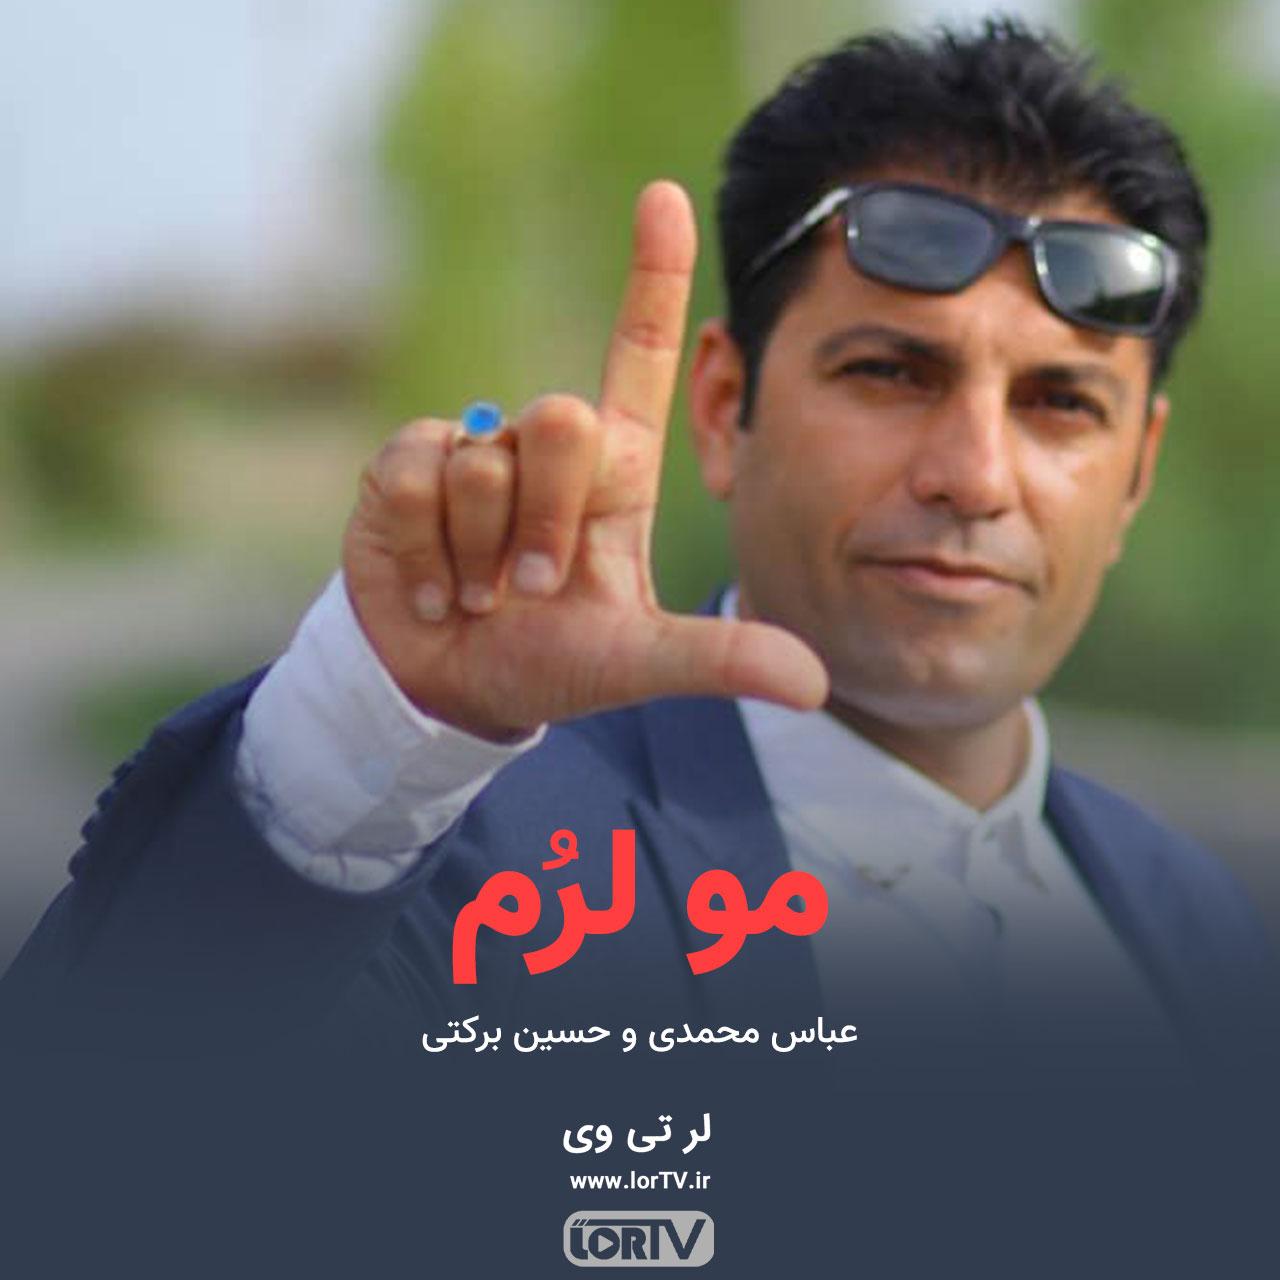 دانلود آهنگ لری مو لرم از عباس محمدی و حسین برکتی